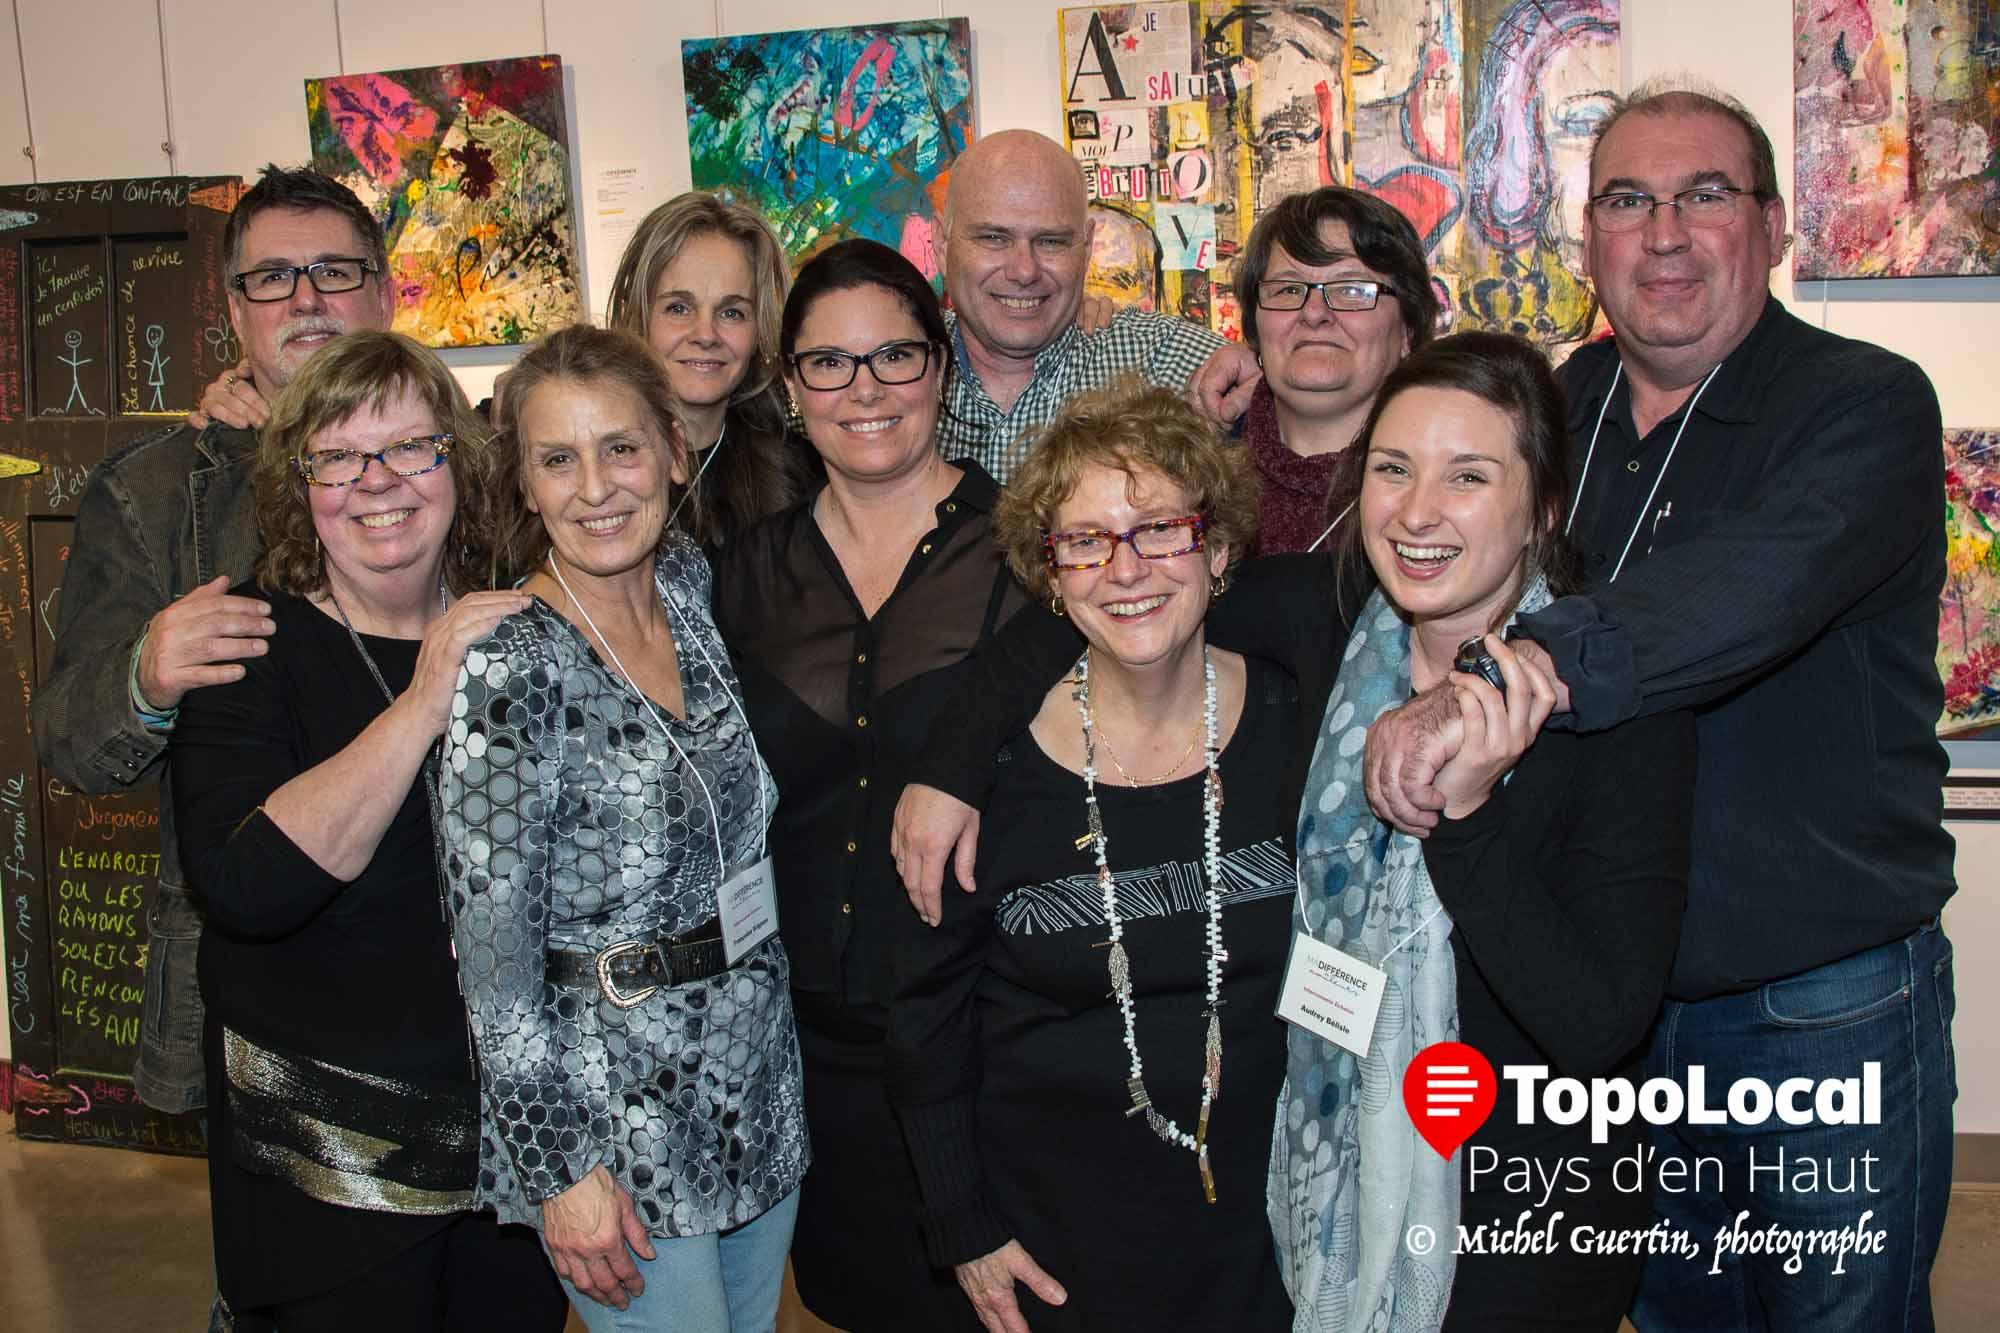 Voici le comité organisateur et quelques bénévoles qui ont fait de ce lancement Ma différence en couleurs une réussite. Il s'agit de Gilles Massé, Lucie Arcand, Francoise Grignon, Lorraine Bérubé, Myriam Lemaire, Earle McCarthy, Nicole Lebrun, Chantal Joubert, Audrey Bélisle et René Chabanel.